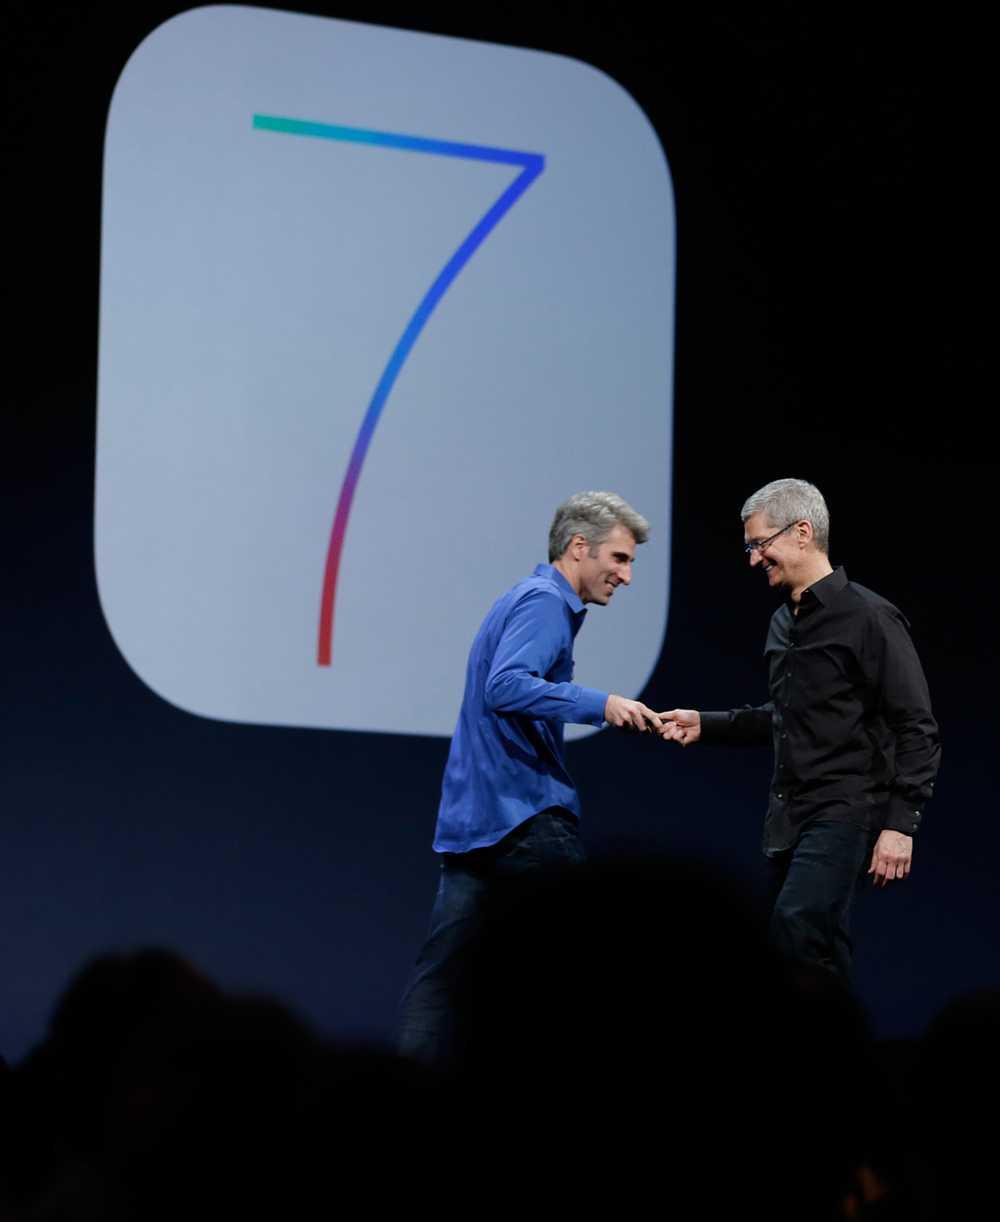 Samtidigt lanserade Apple ett nytt operativsystem för mobila enheter, som Iphone, Ipad och Ipod. I stort sett alla appar har redesignats och fått ett nytt utseende